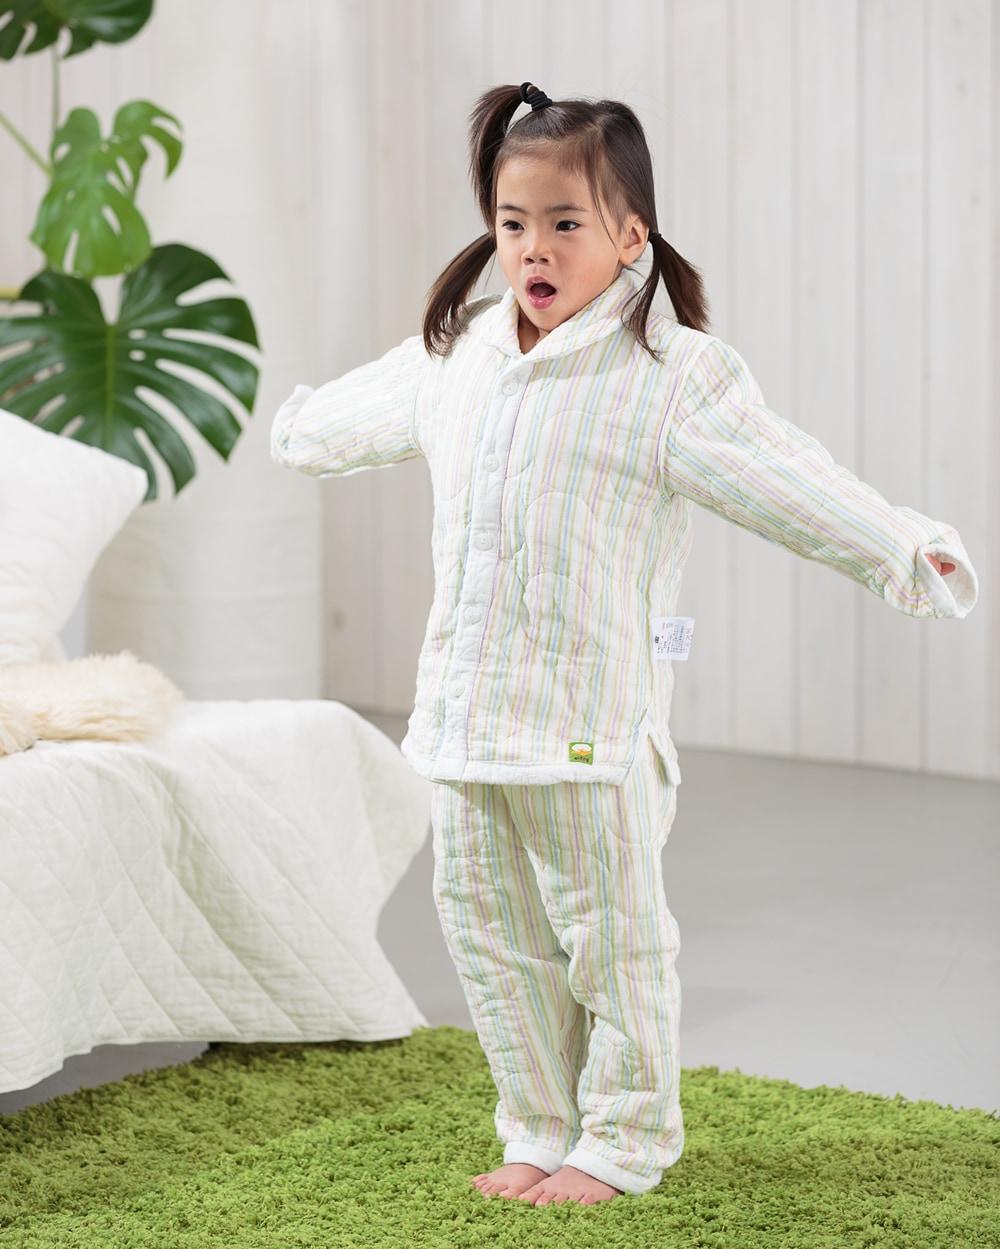 新作パシーマ ストライプ柄  冬パジャマ ベビー 子供 アトピーや敏感肌の赤ちゃんやお子様の為に作られたパシーマパジャマ